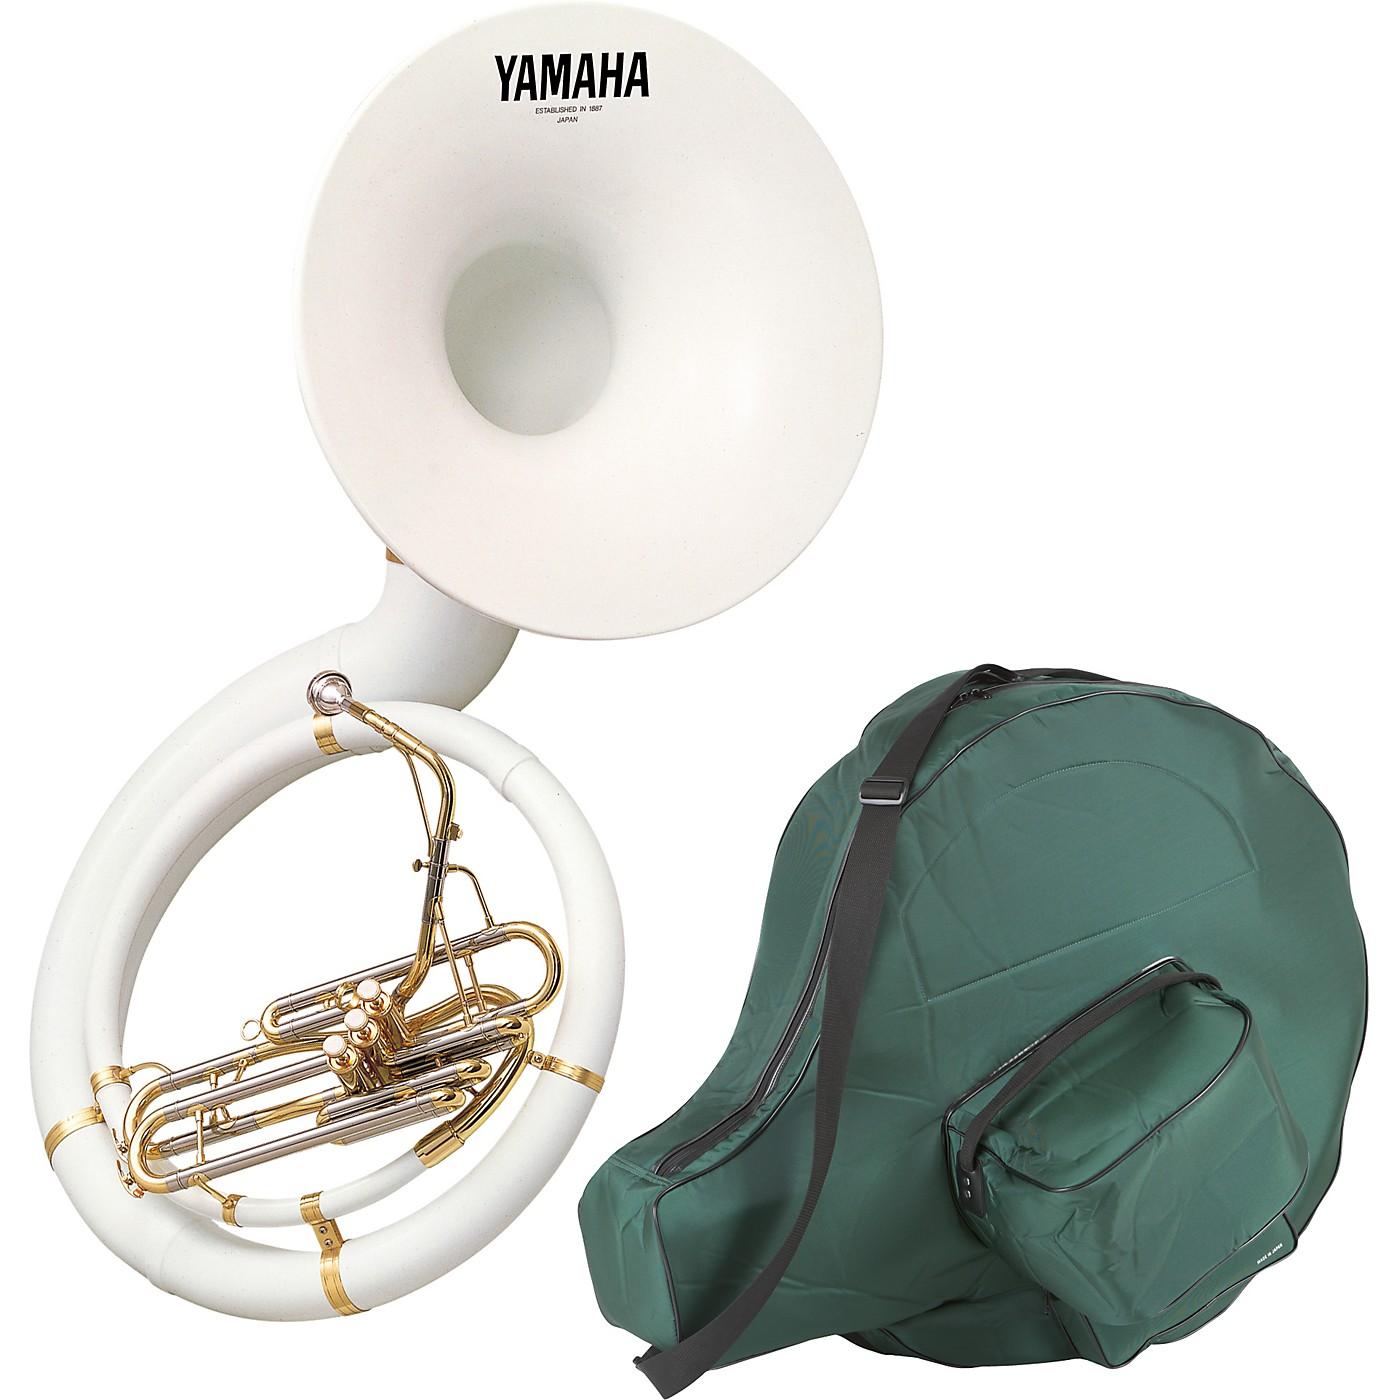 Yamaha YSH-301B Series Fiberglass BBb Sousaphone with Soft Carrying Bag thumbnail